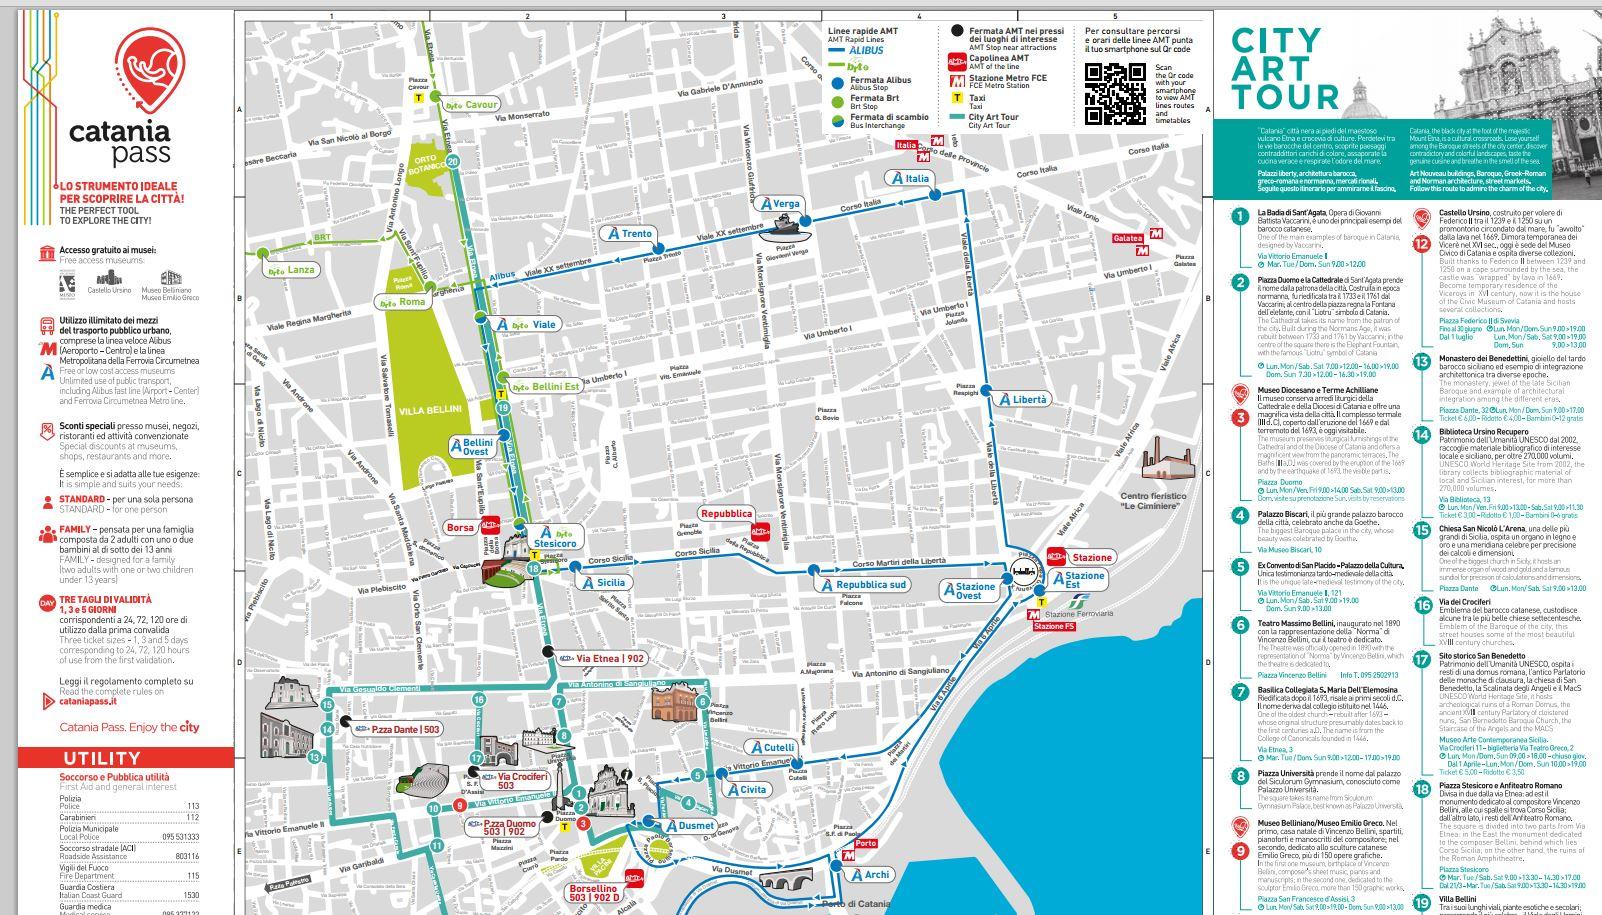 Cartina Della Sicilia Turistica.Turismo Catania Online Nuova Mappa Stampabile Della Citta